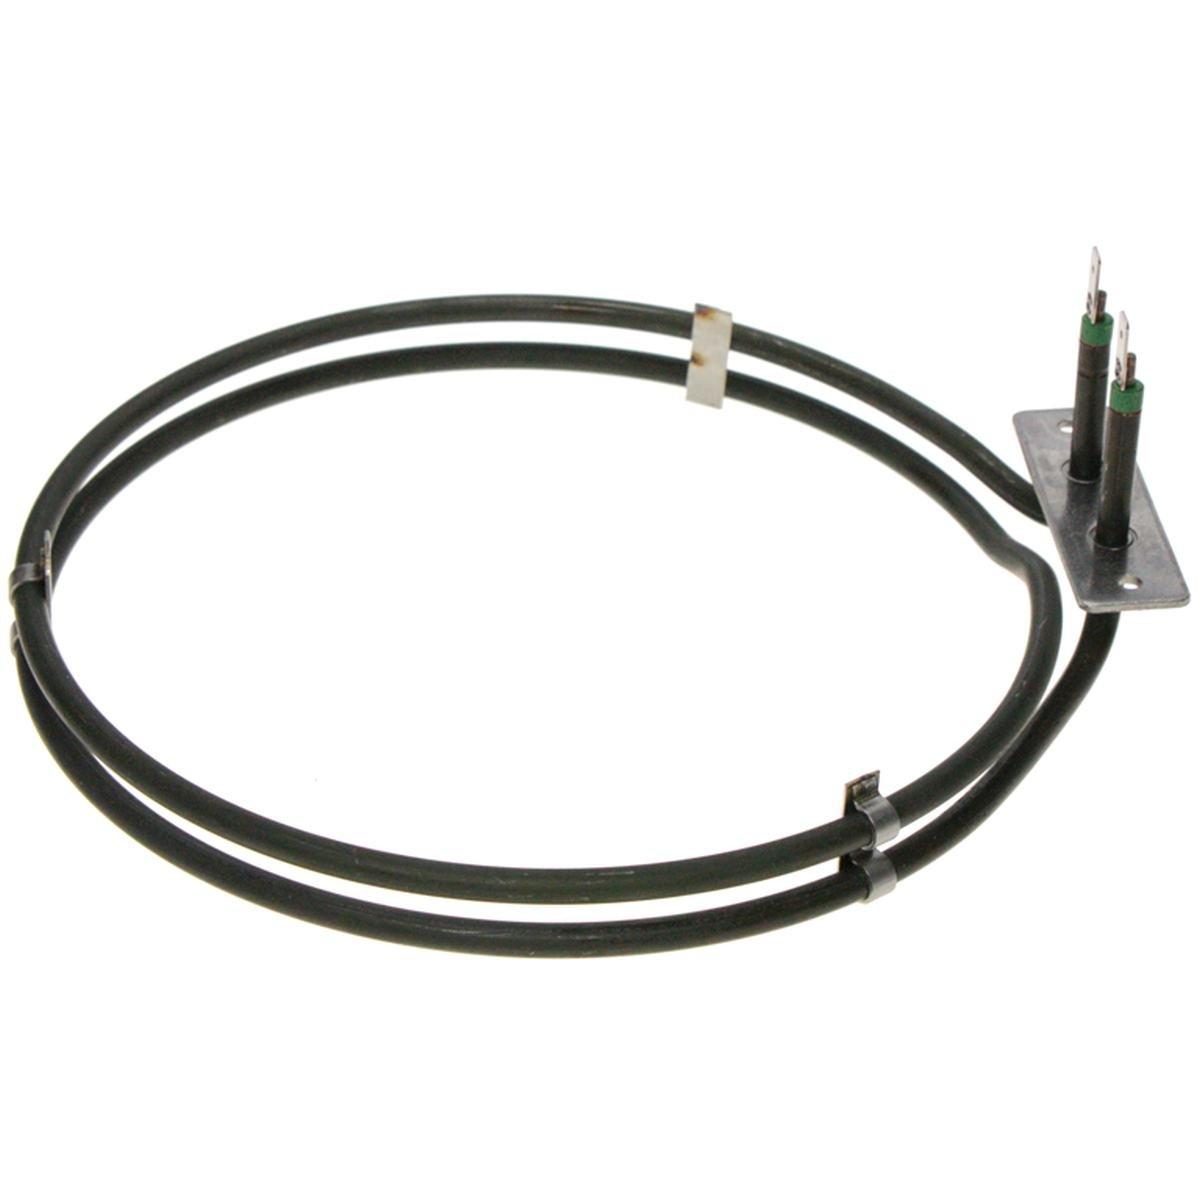 Ringvarmelegeme 1900W 230V